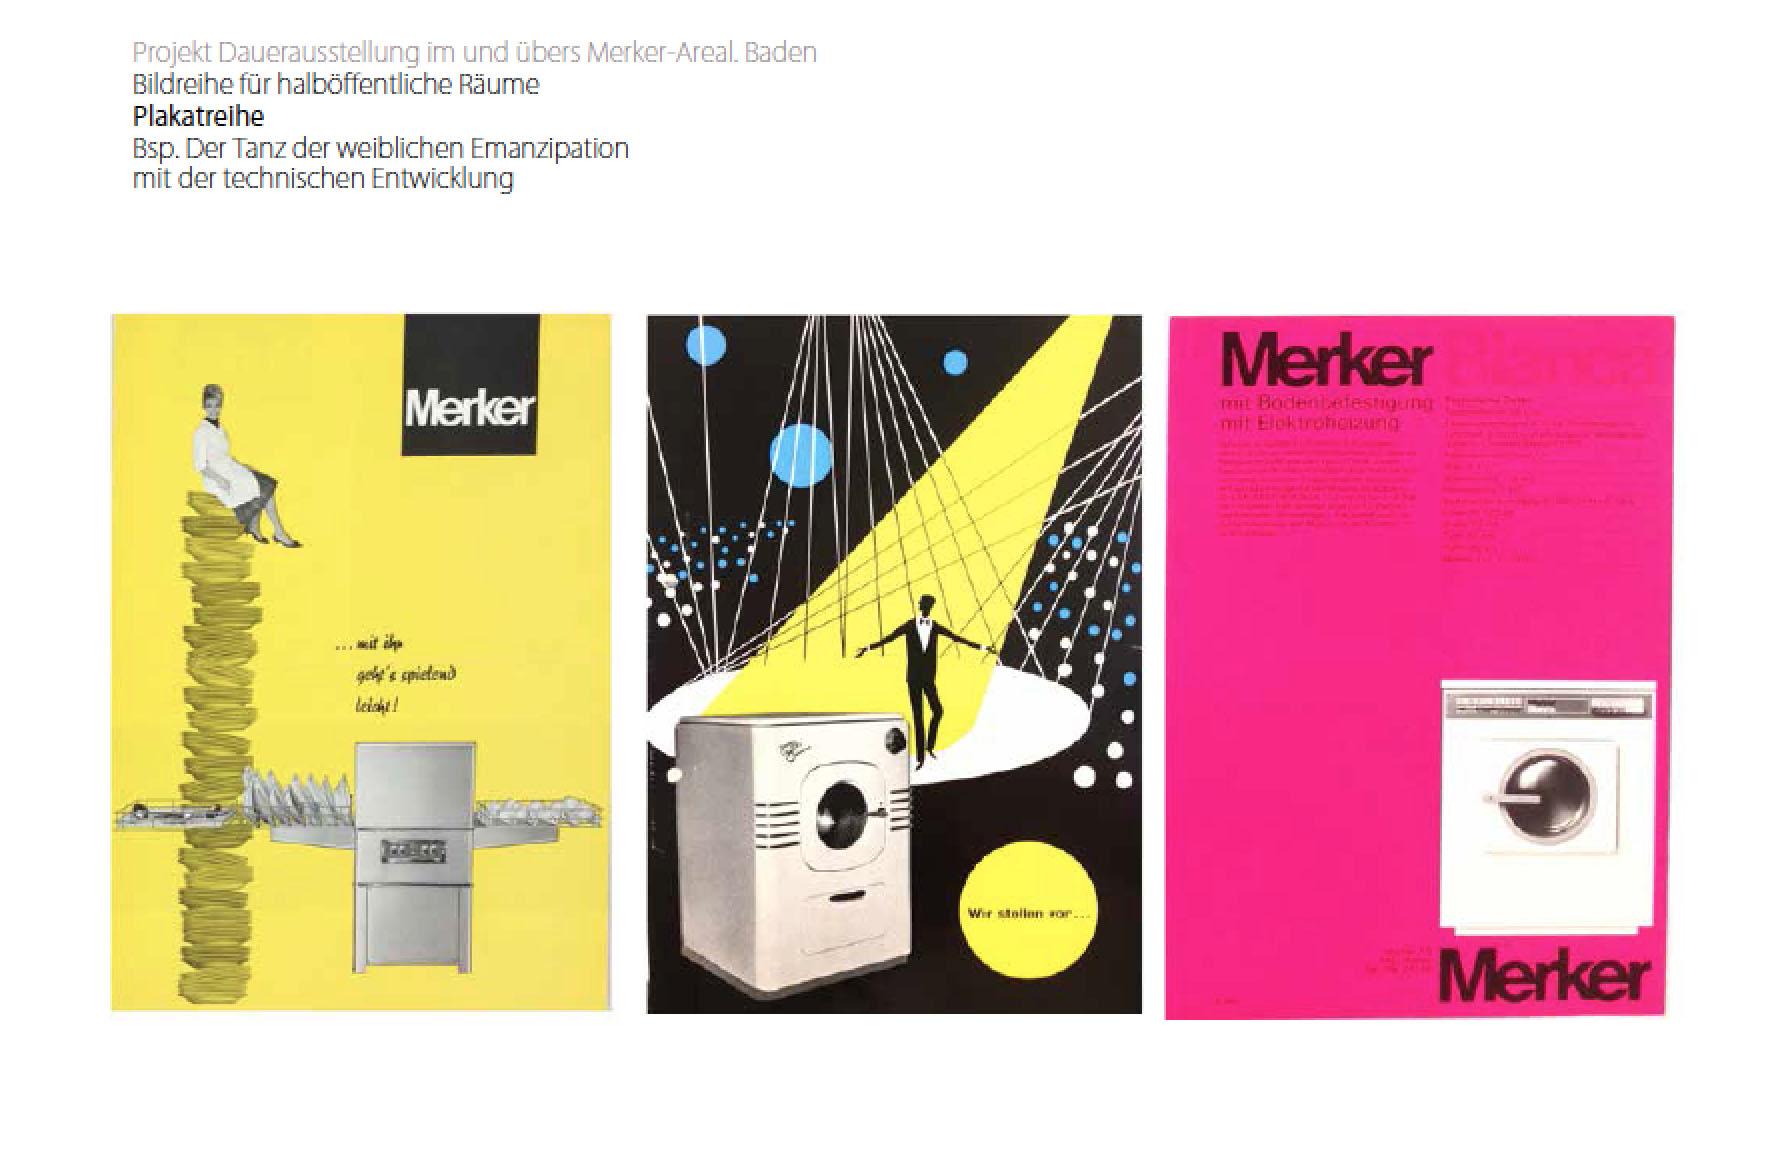 Merker-Areal, Baden